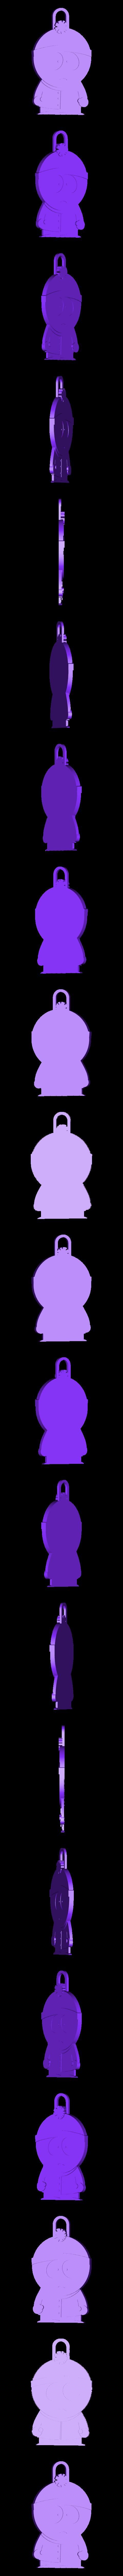 Stan.stl Télécharger fichier STL gratuit Stan, Kyle, Kenny et Cartman - Personnages de South Park • Modèle à imprimer en 3D, ChaosCoreTech